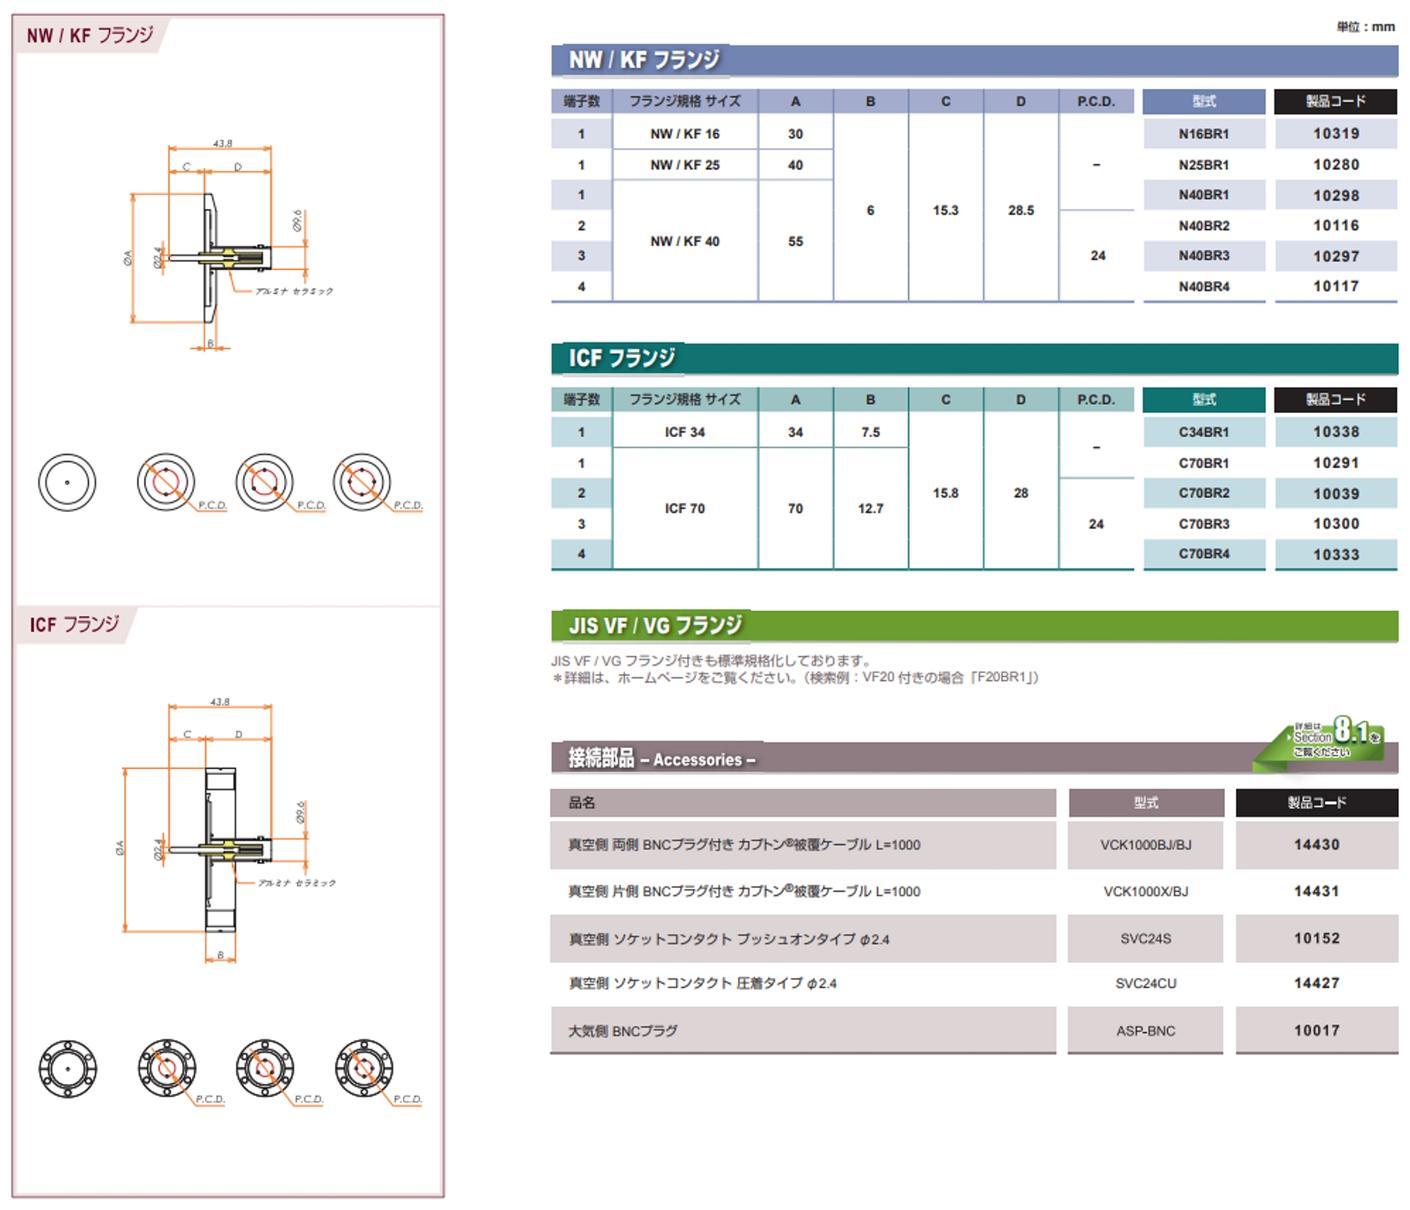 同軸 BNC-R 2個付き NW/KF40 フランジ カタログ画像